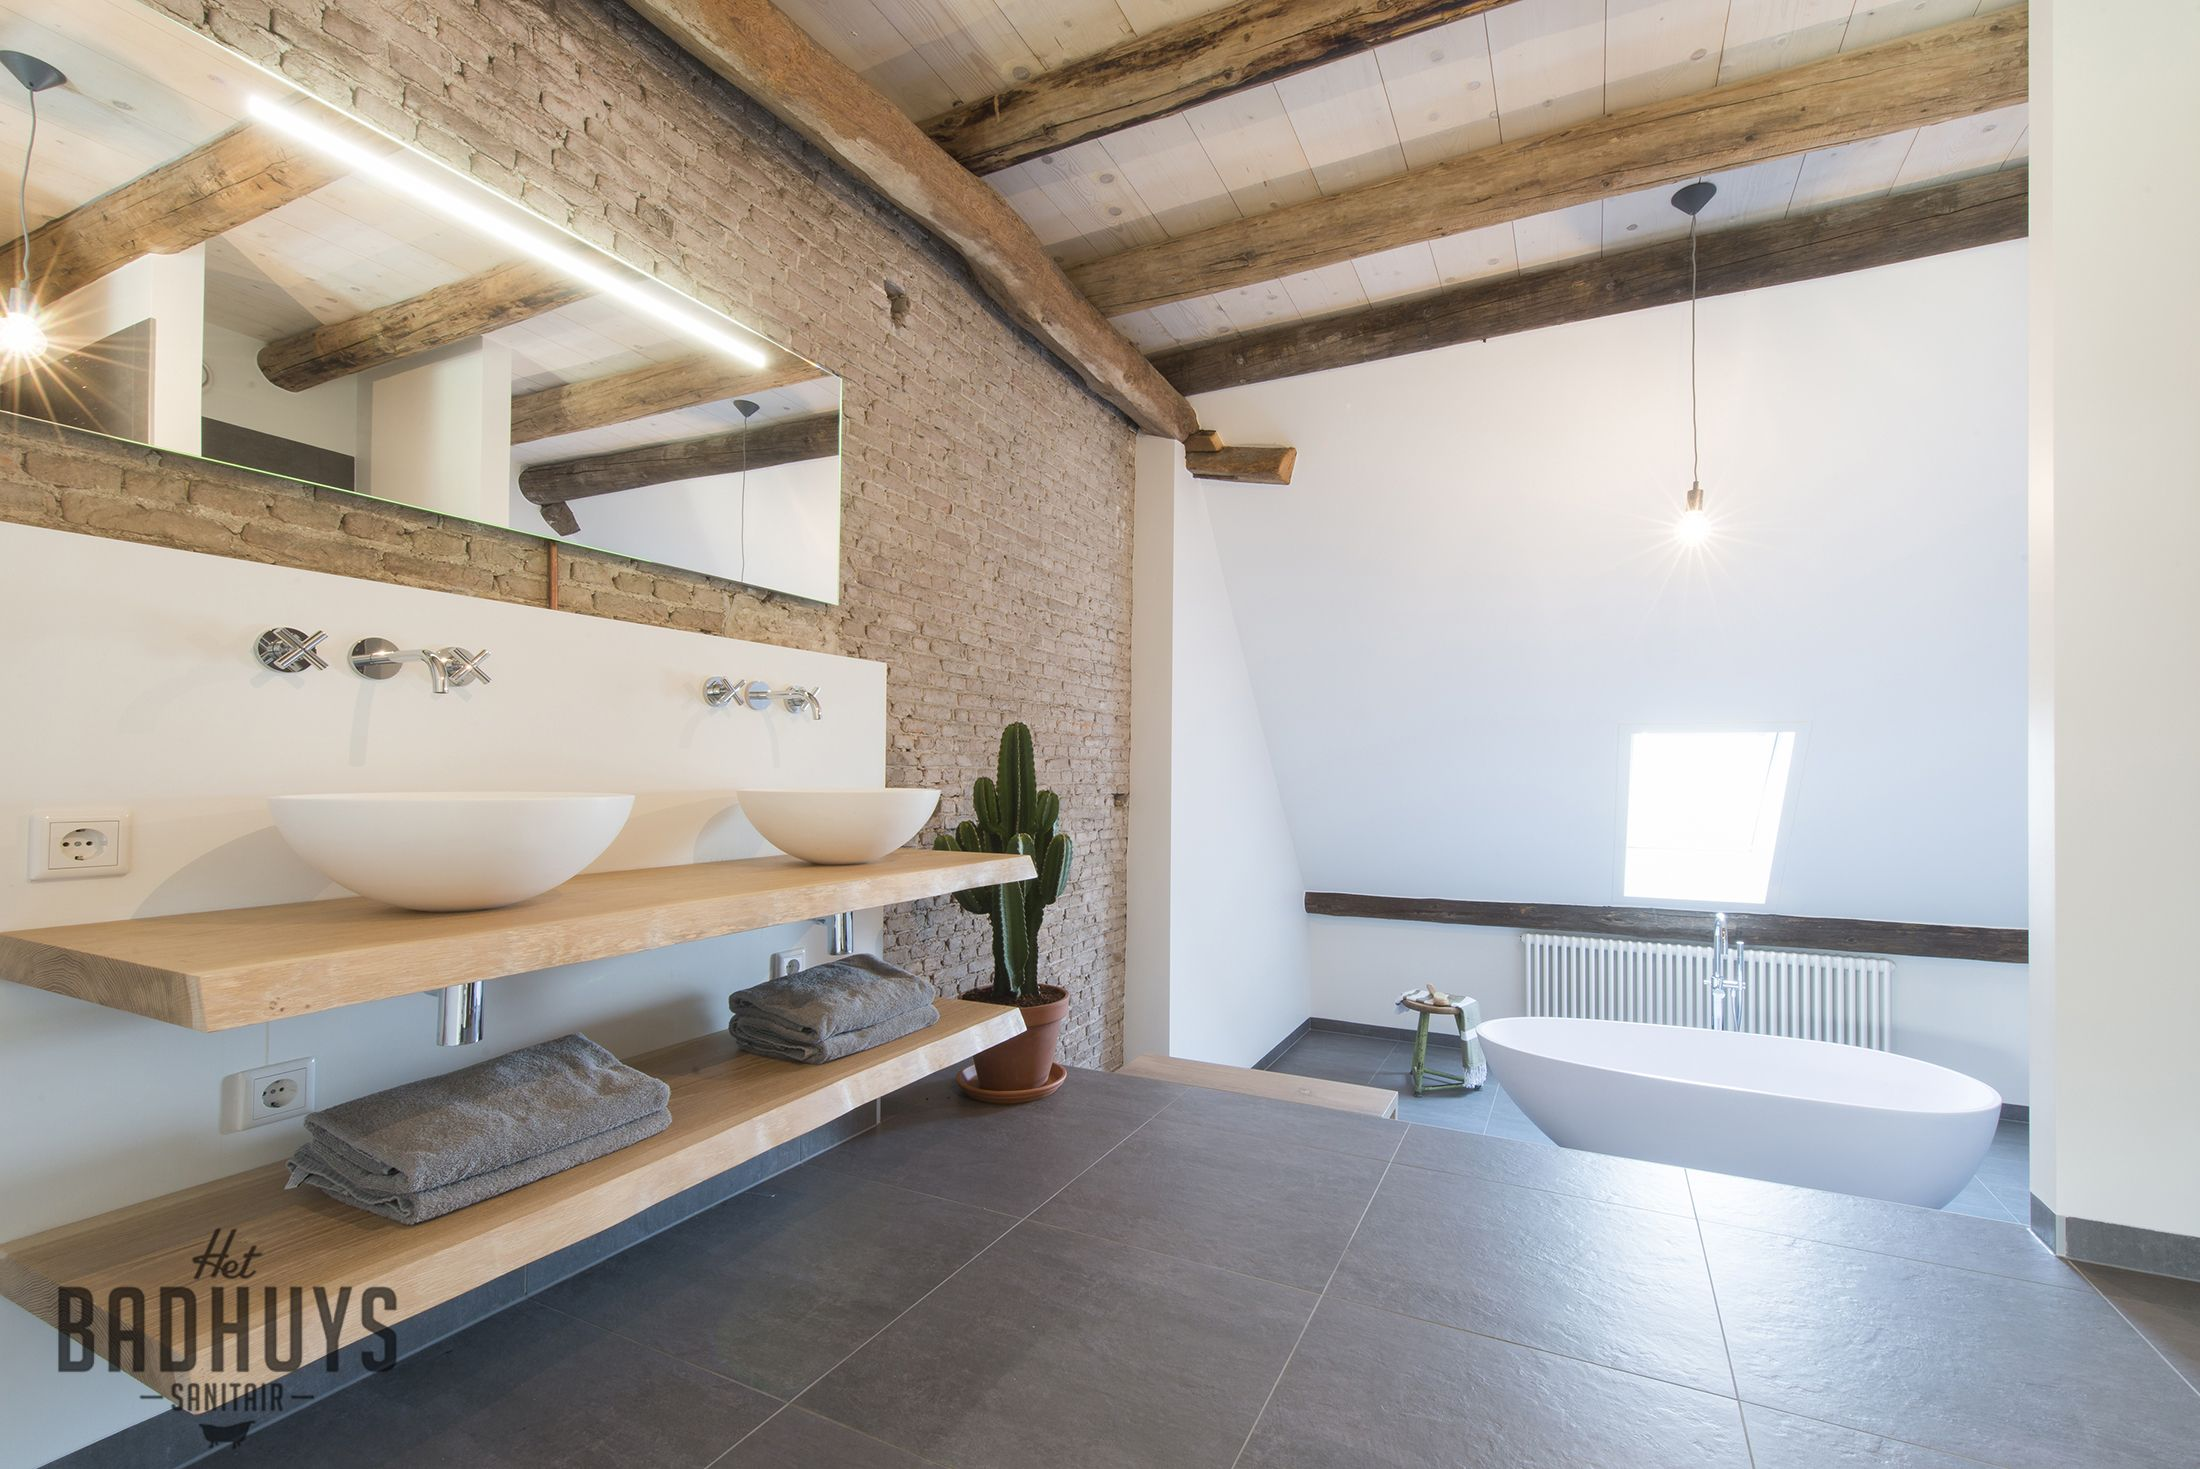 Het badhuys breda eigentijdse badkamers l het badhuys pinterest planken badkamer en - Eigentijdse woonkamers ...